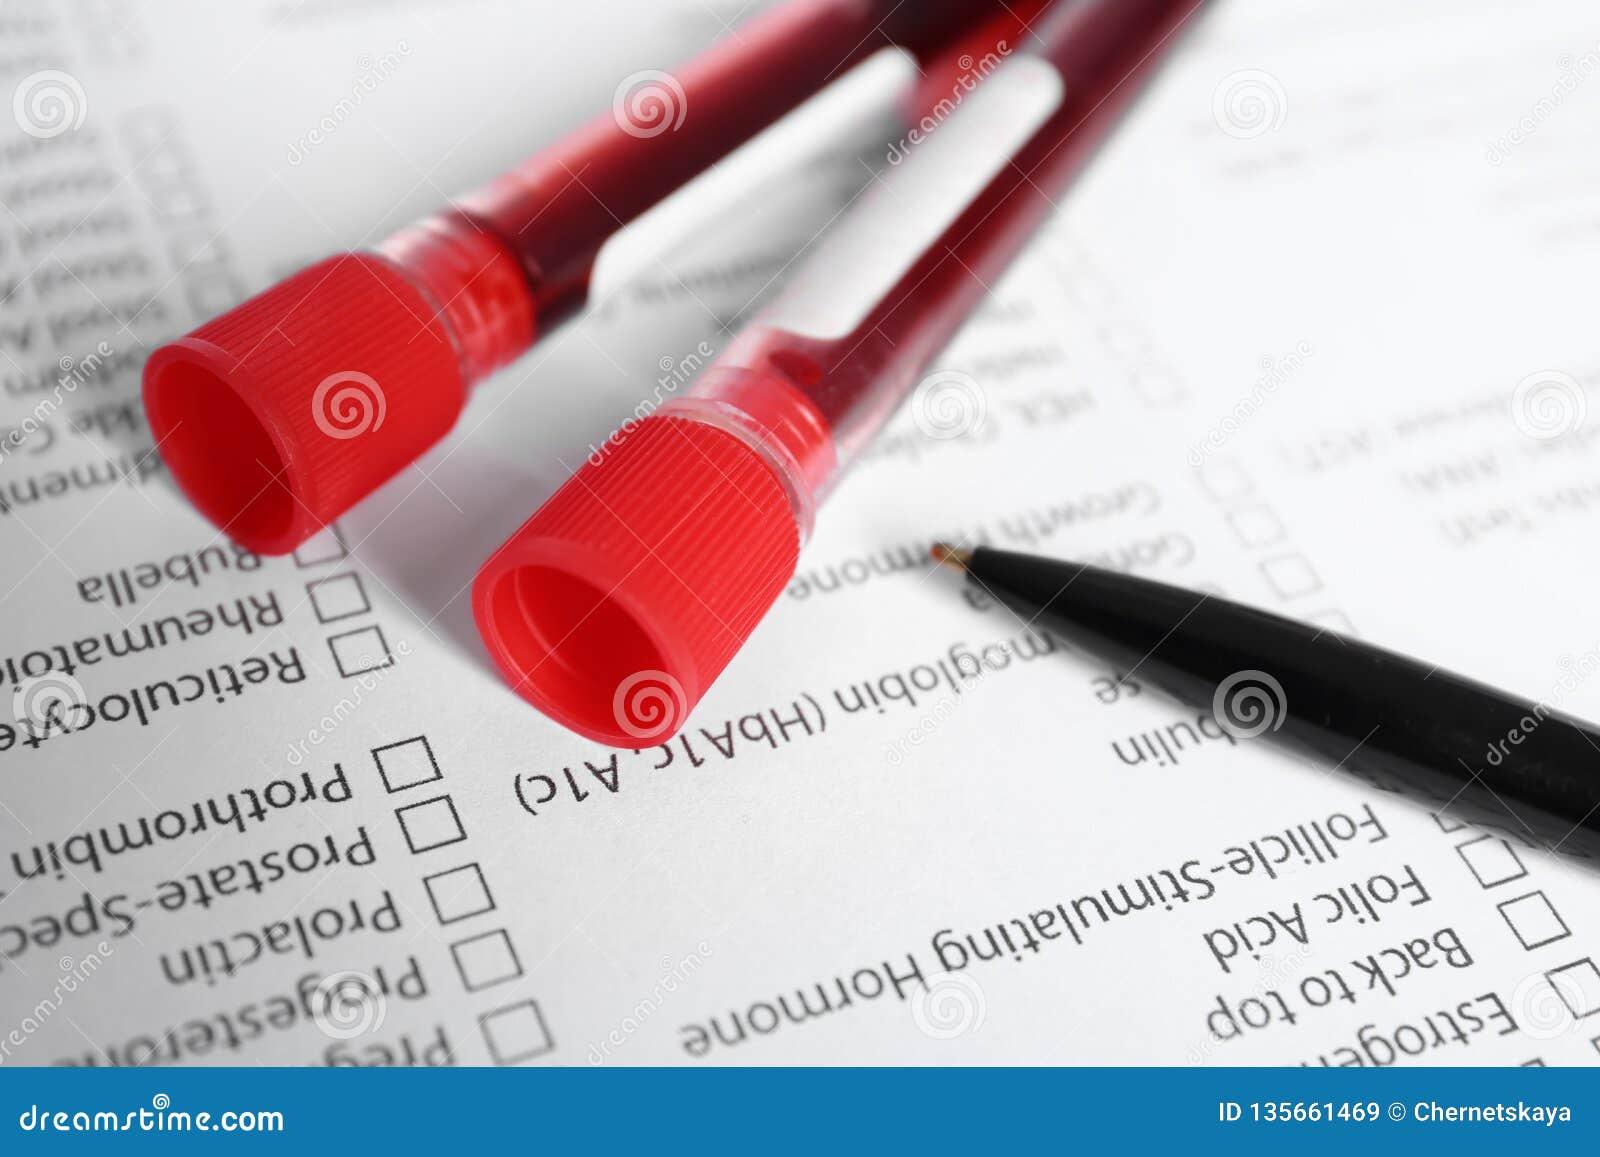 Provette con i campioni di sangue per analisi sulla forma della prova di laboratorio